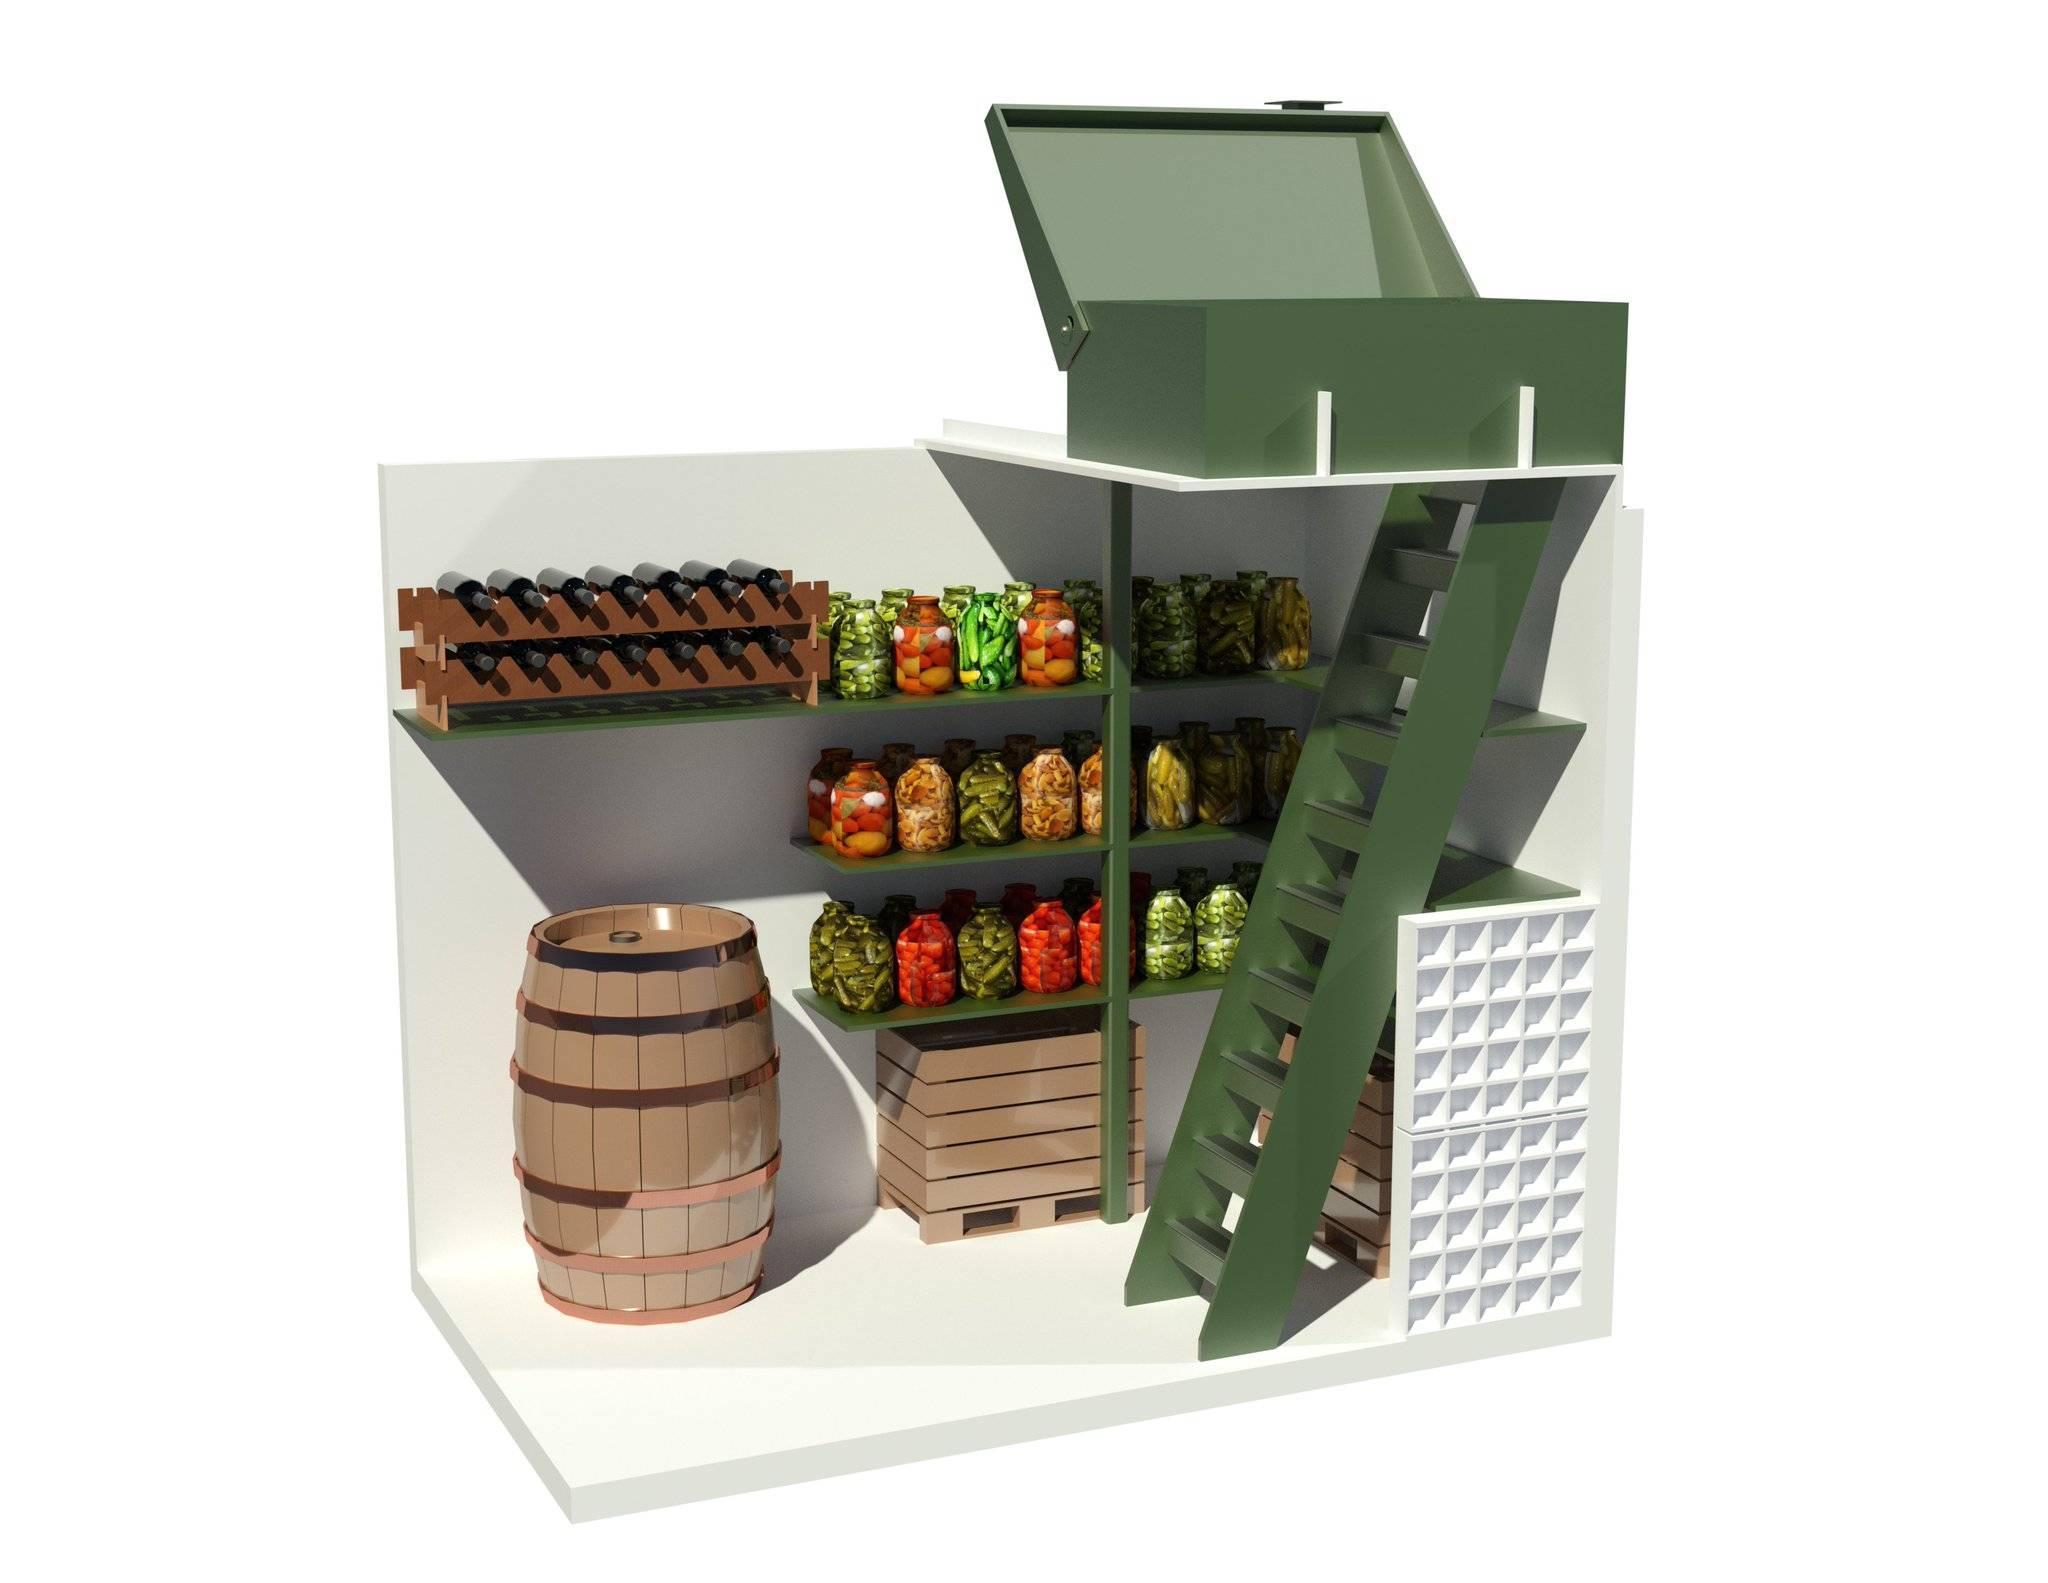 Пластиковый погреб для хранения овощей, технические характеристики, отзывы, фото и цены